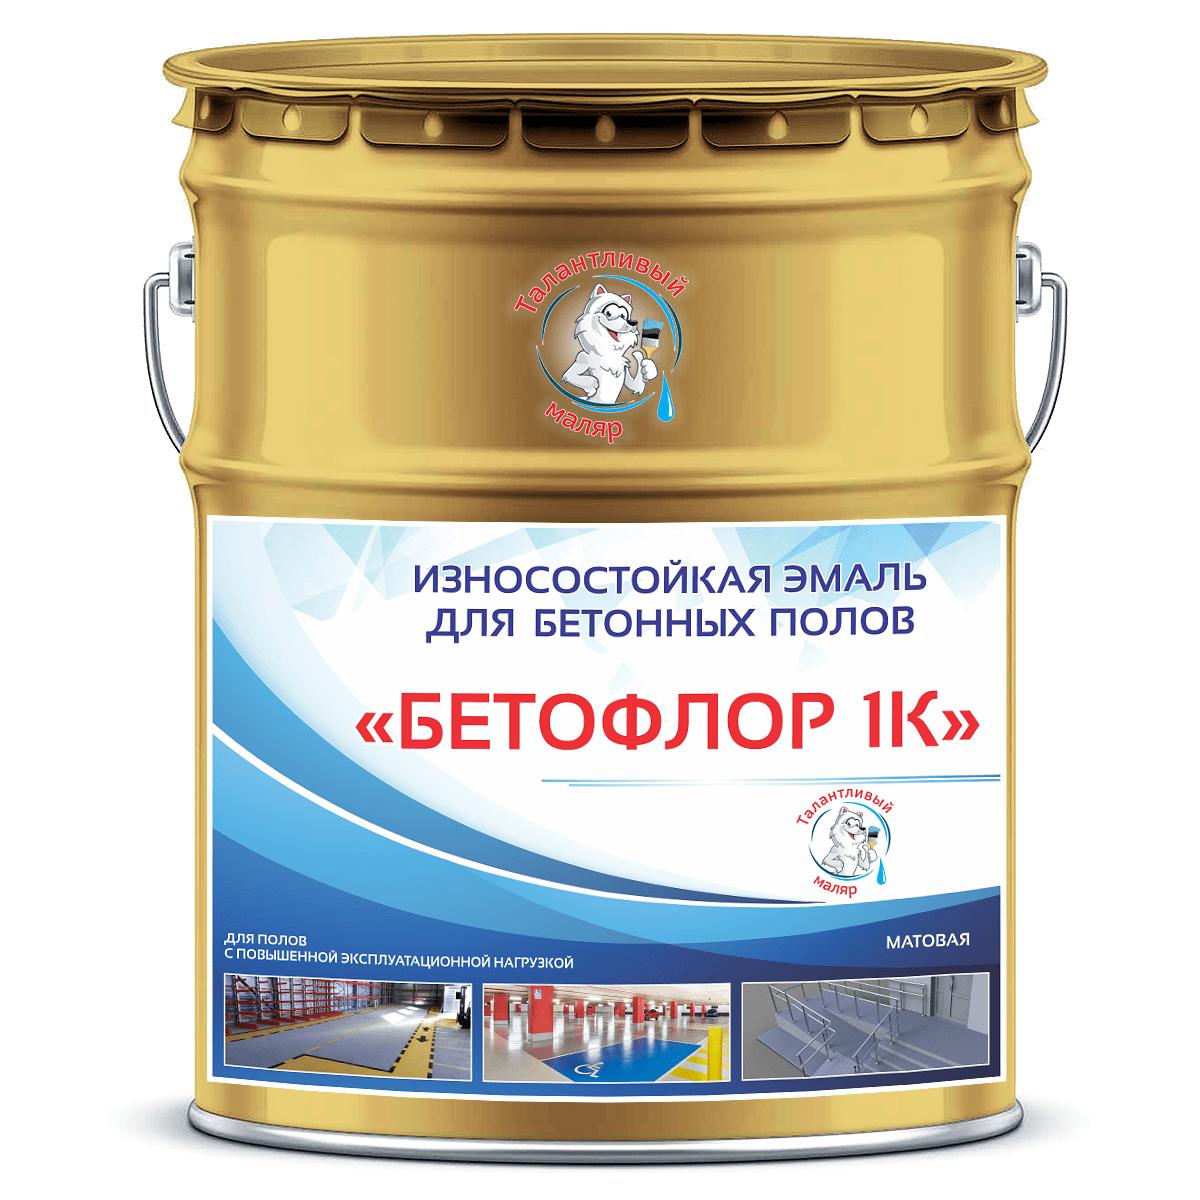 """Фото 21 - BF1024 Эмаль для бетонных полов """"Бетофлор"""" 1К цвет RAL 1024 Жёлтая охра, матовая износостойкая, 25 кг """"Талантливый Маляр""""."""